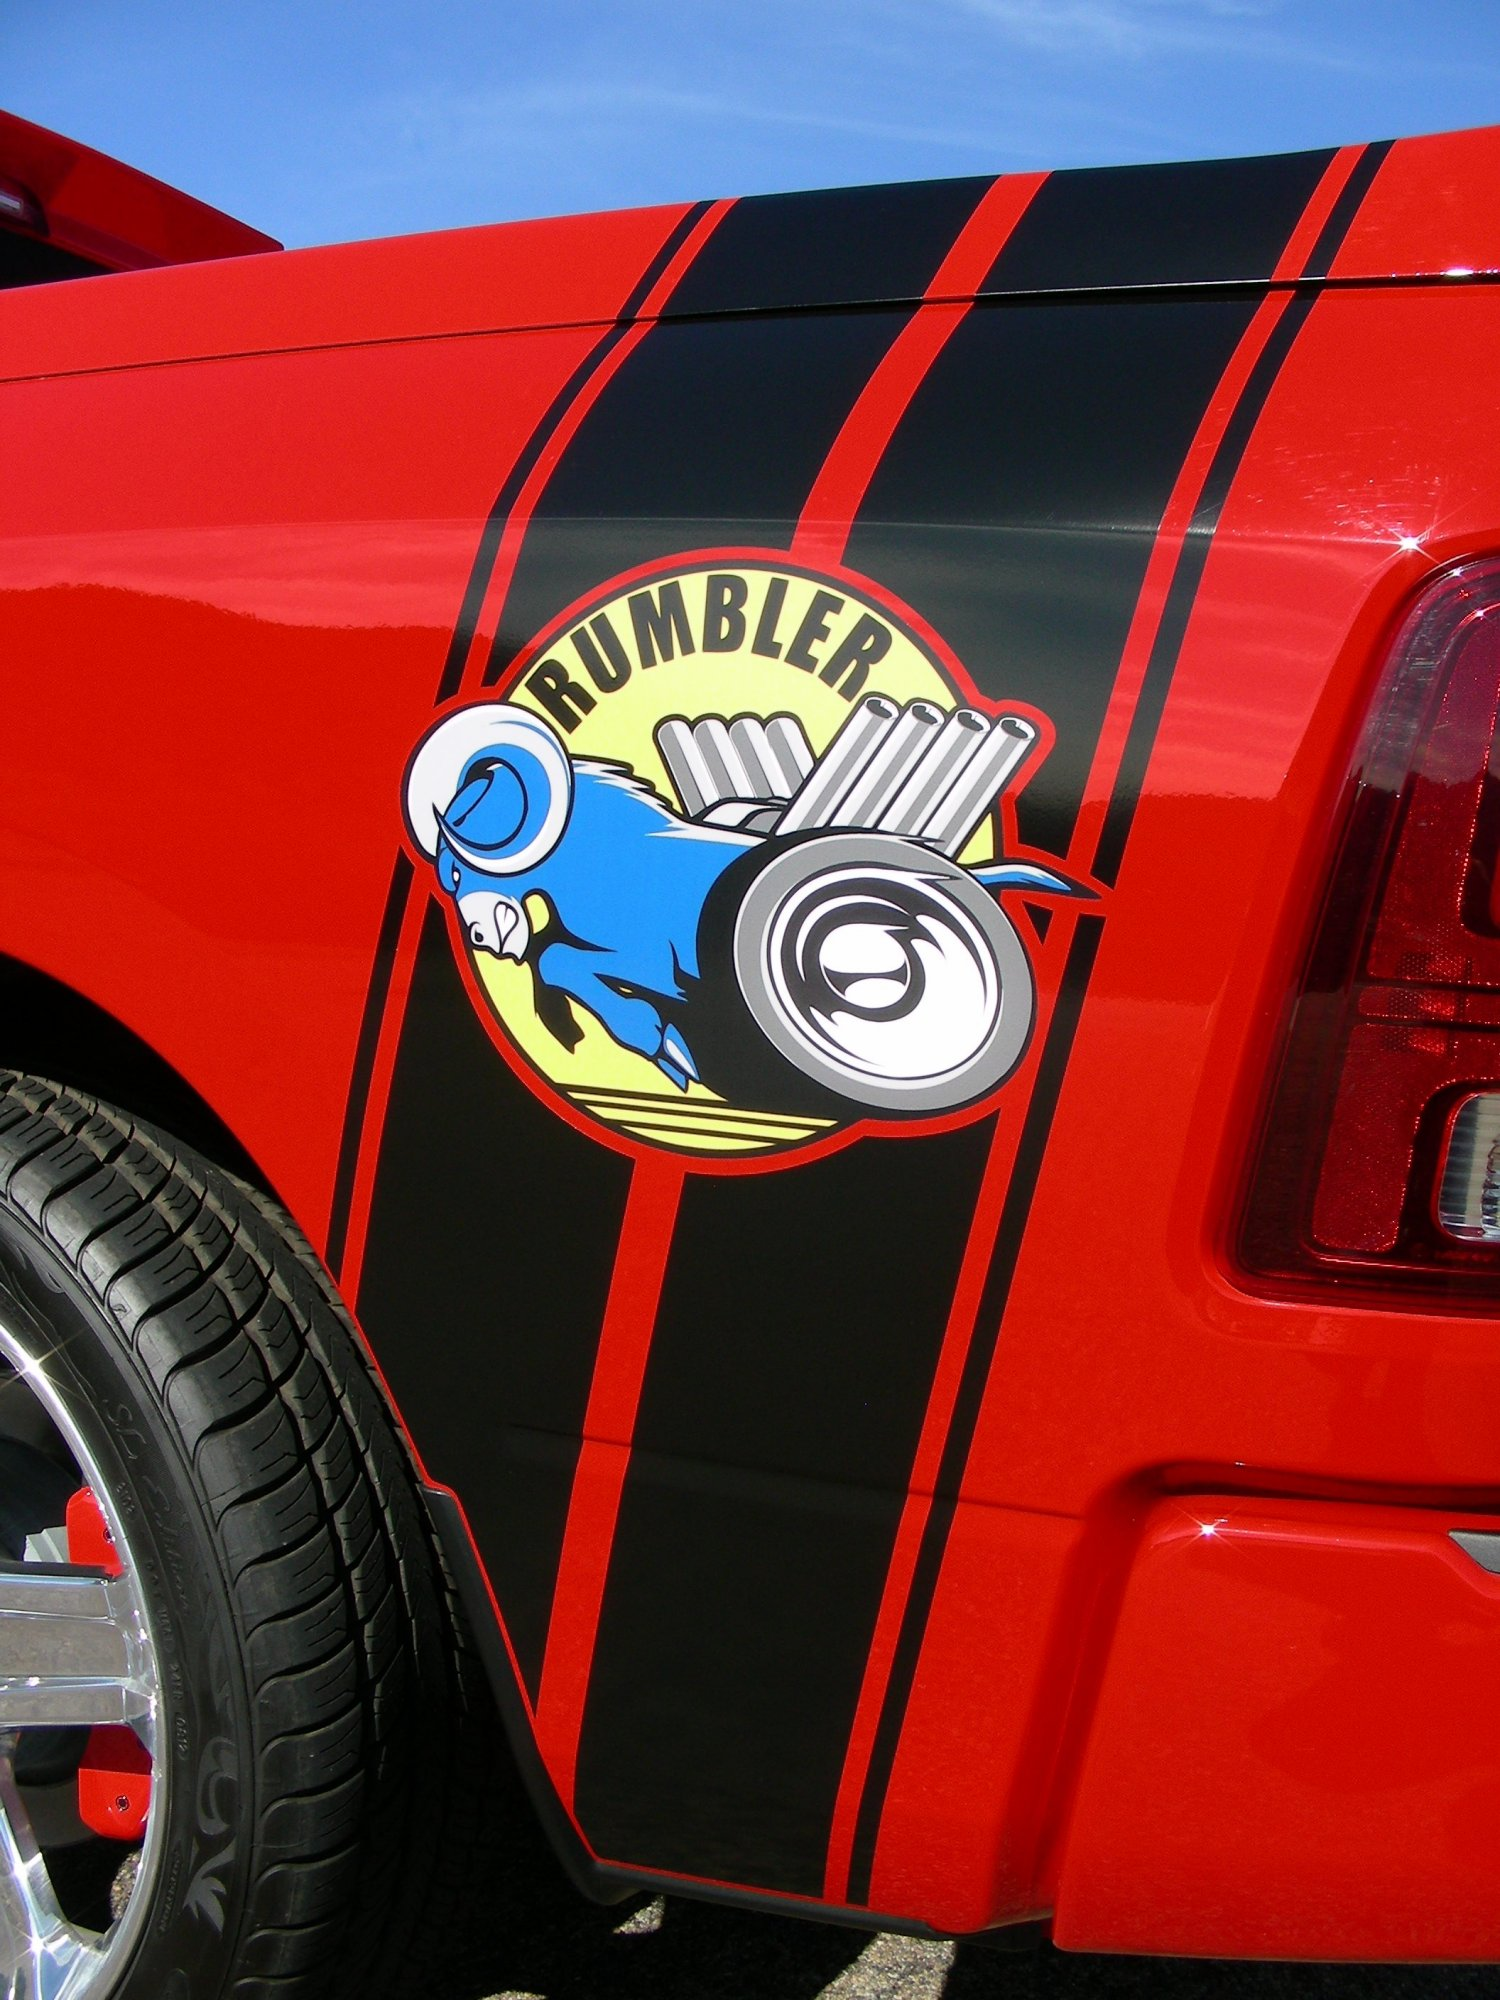 Rumbler on 2009 Dodge Ram 1500